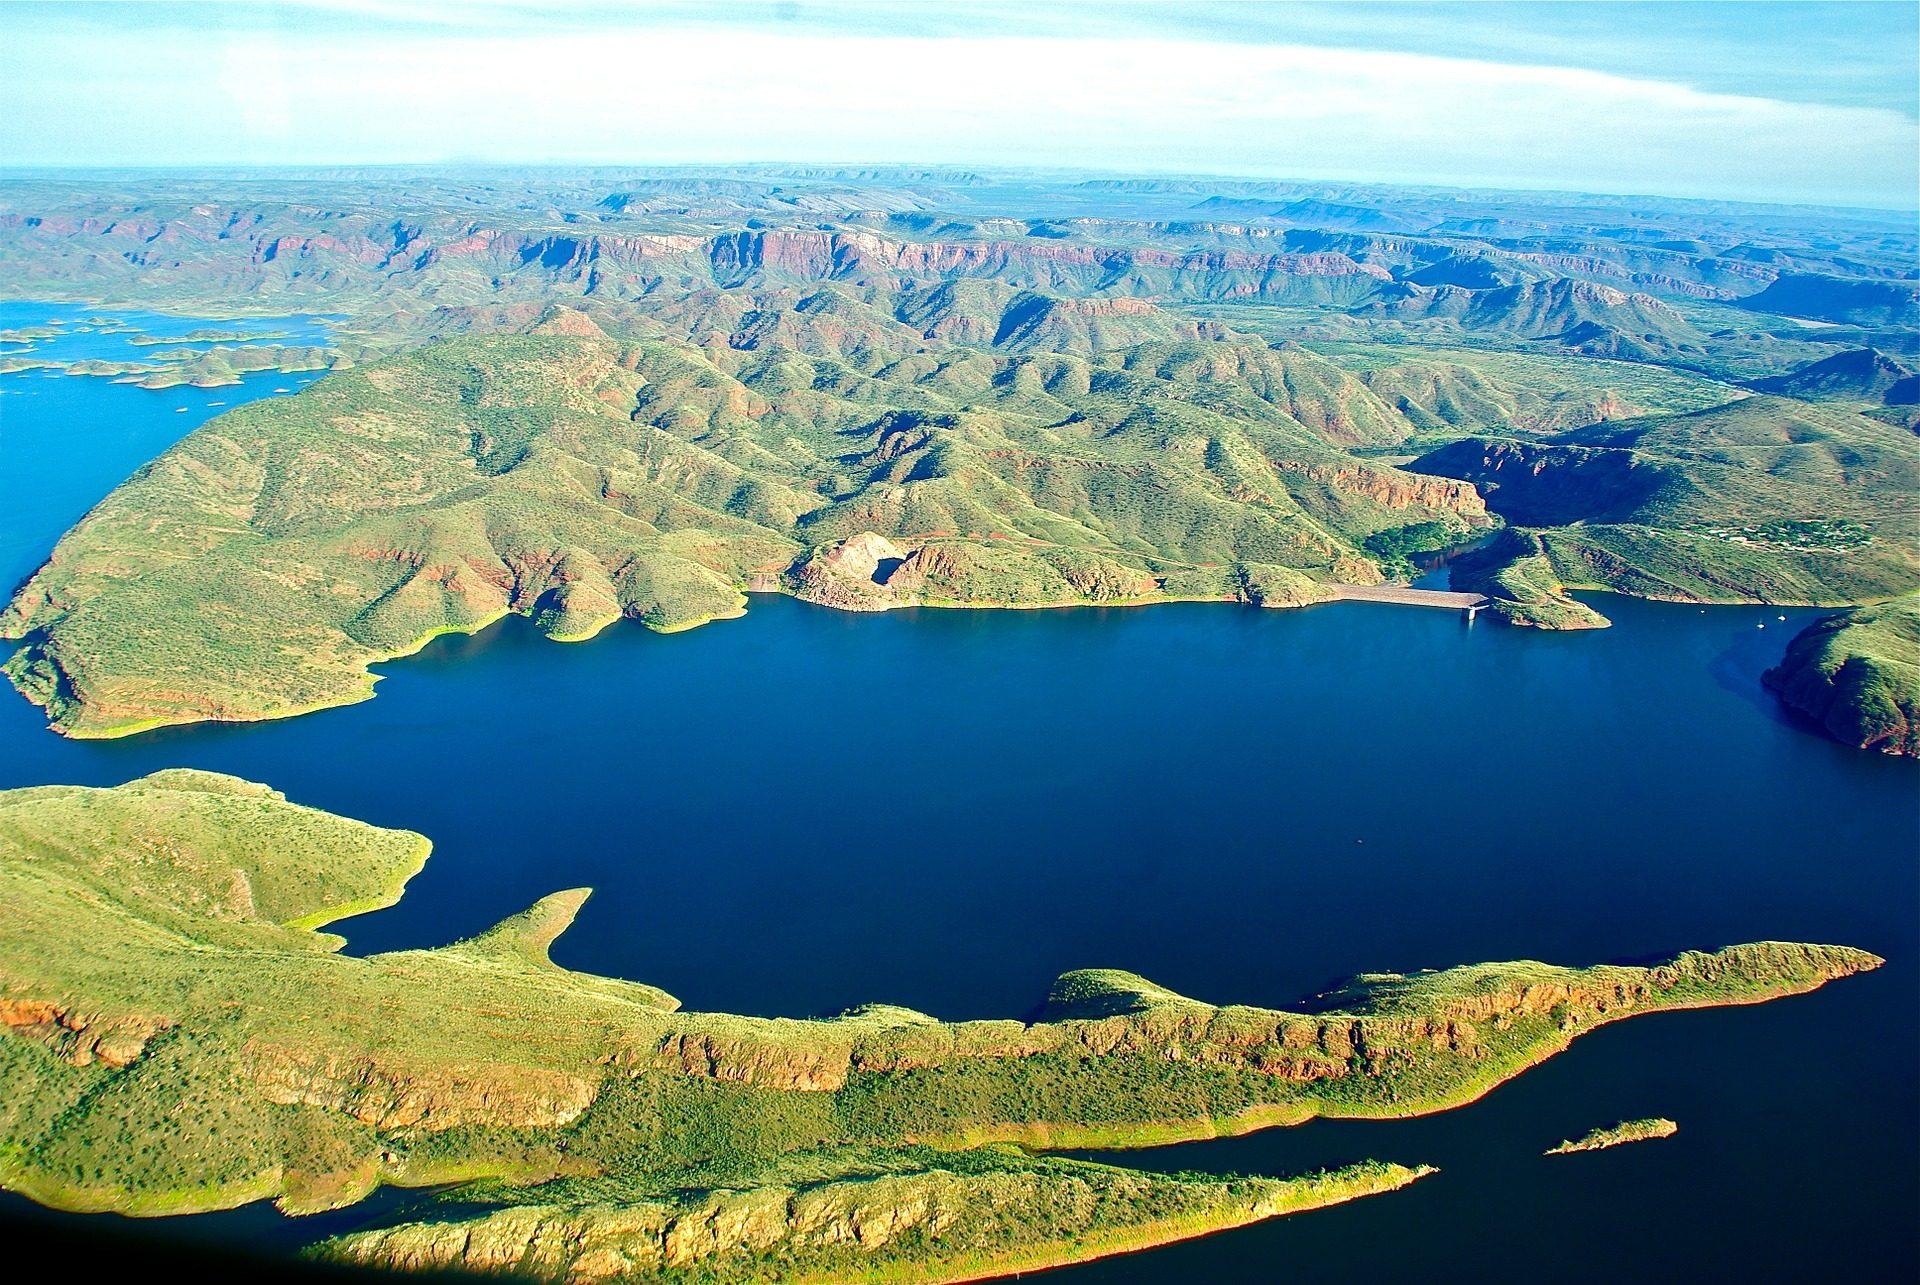 बार देखे गए, दूरी, क्षितिज, द्वीप समूह, कोस्टा, ऑस्ट्रेलिया - HD वॉलपेपर - प्रोफेसर-falken.com